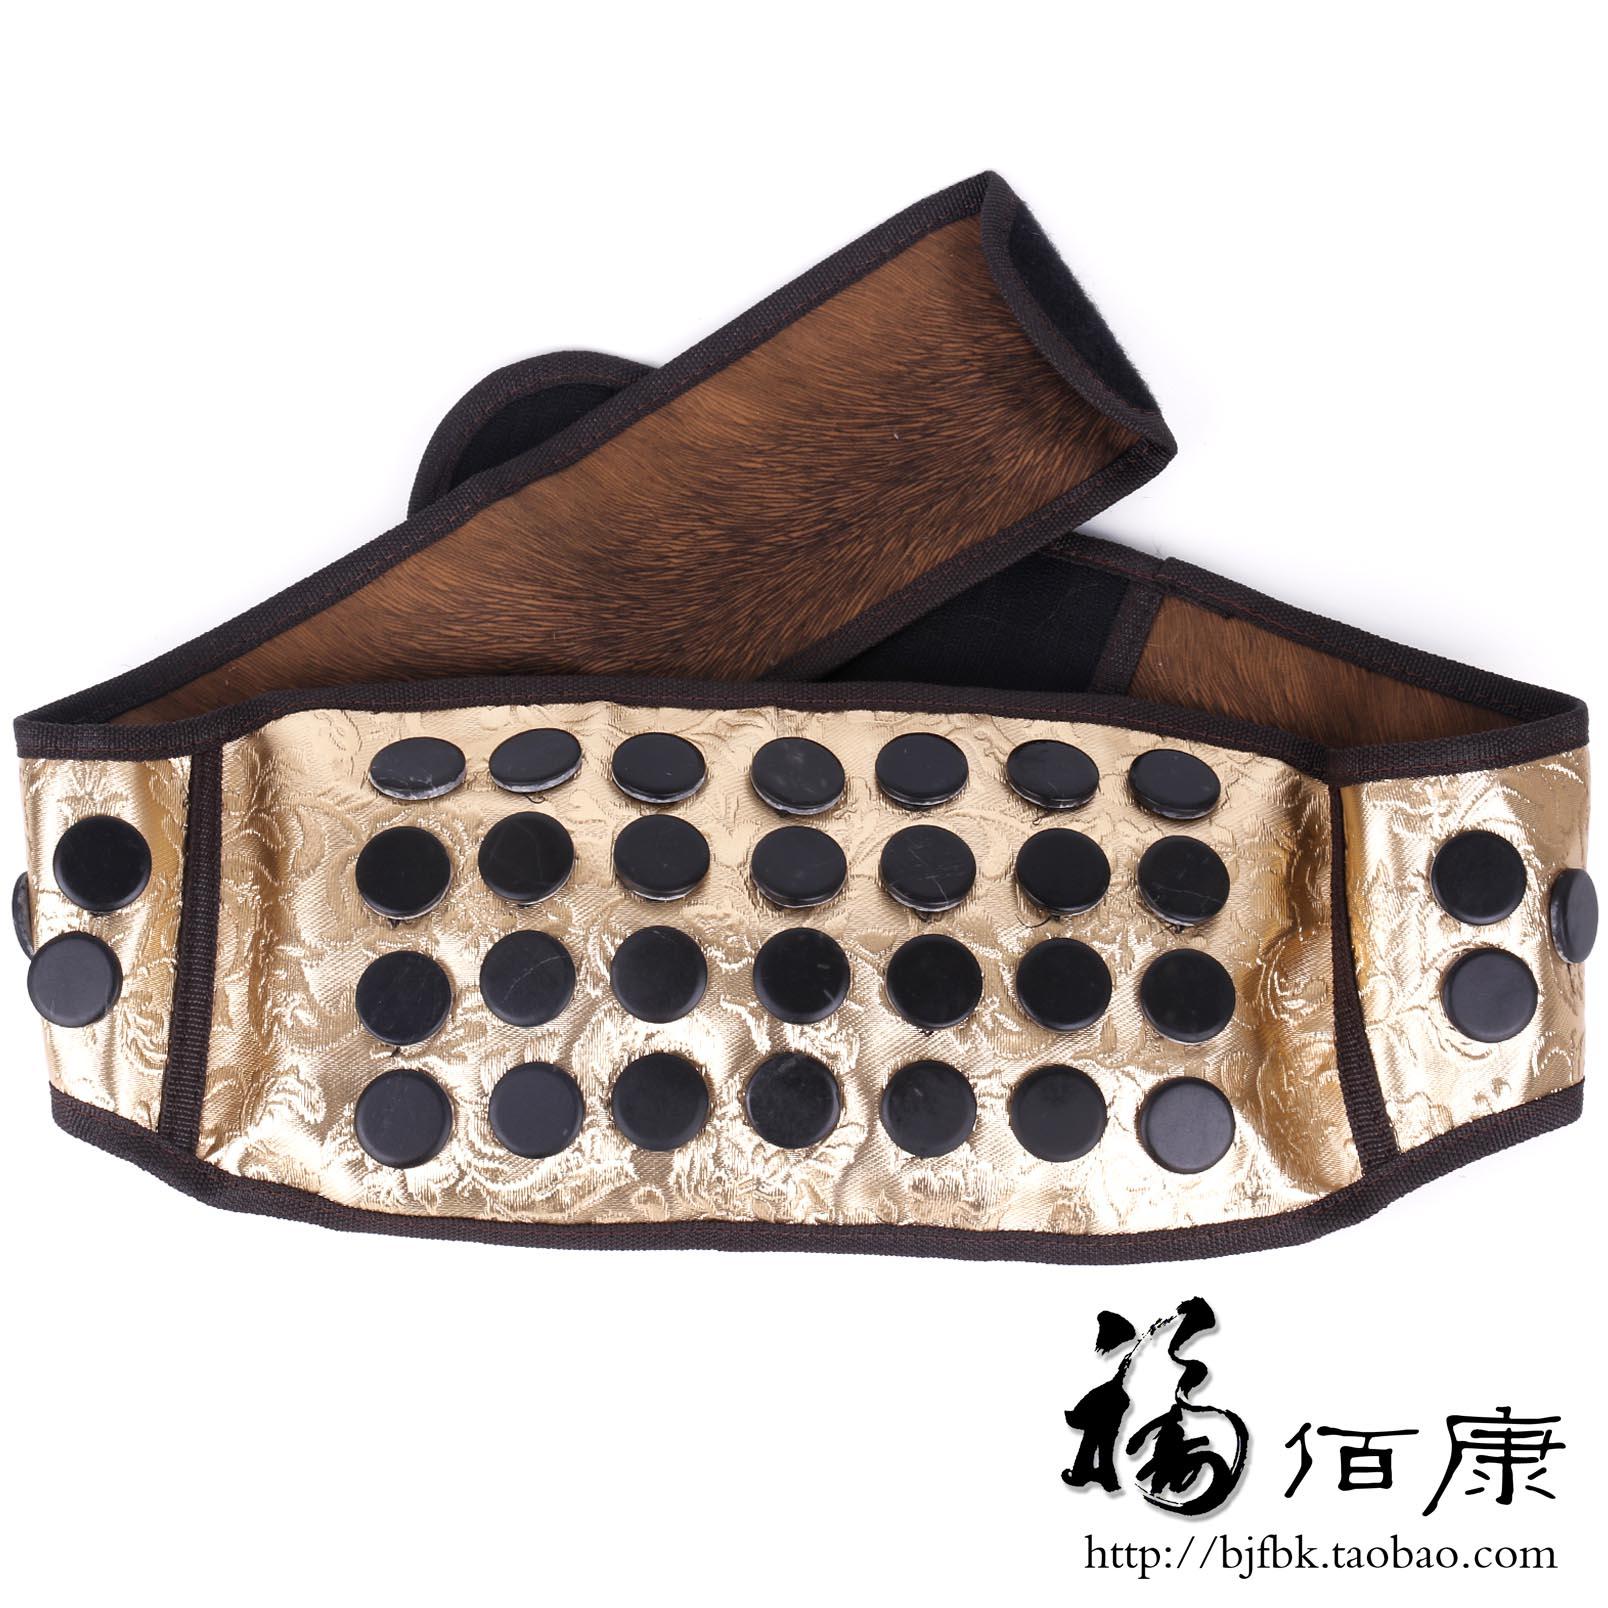 泗滨砭石腰带 缓解腰痛理疗按摩 玄黄砭石保健加热护腰正品包邮